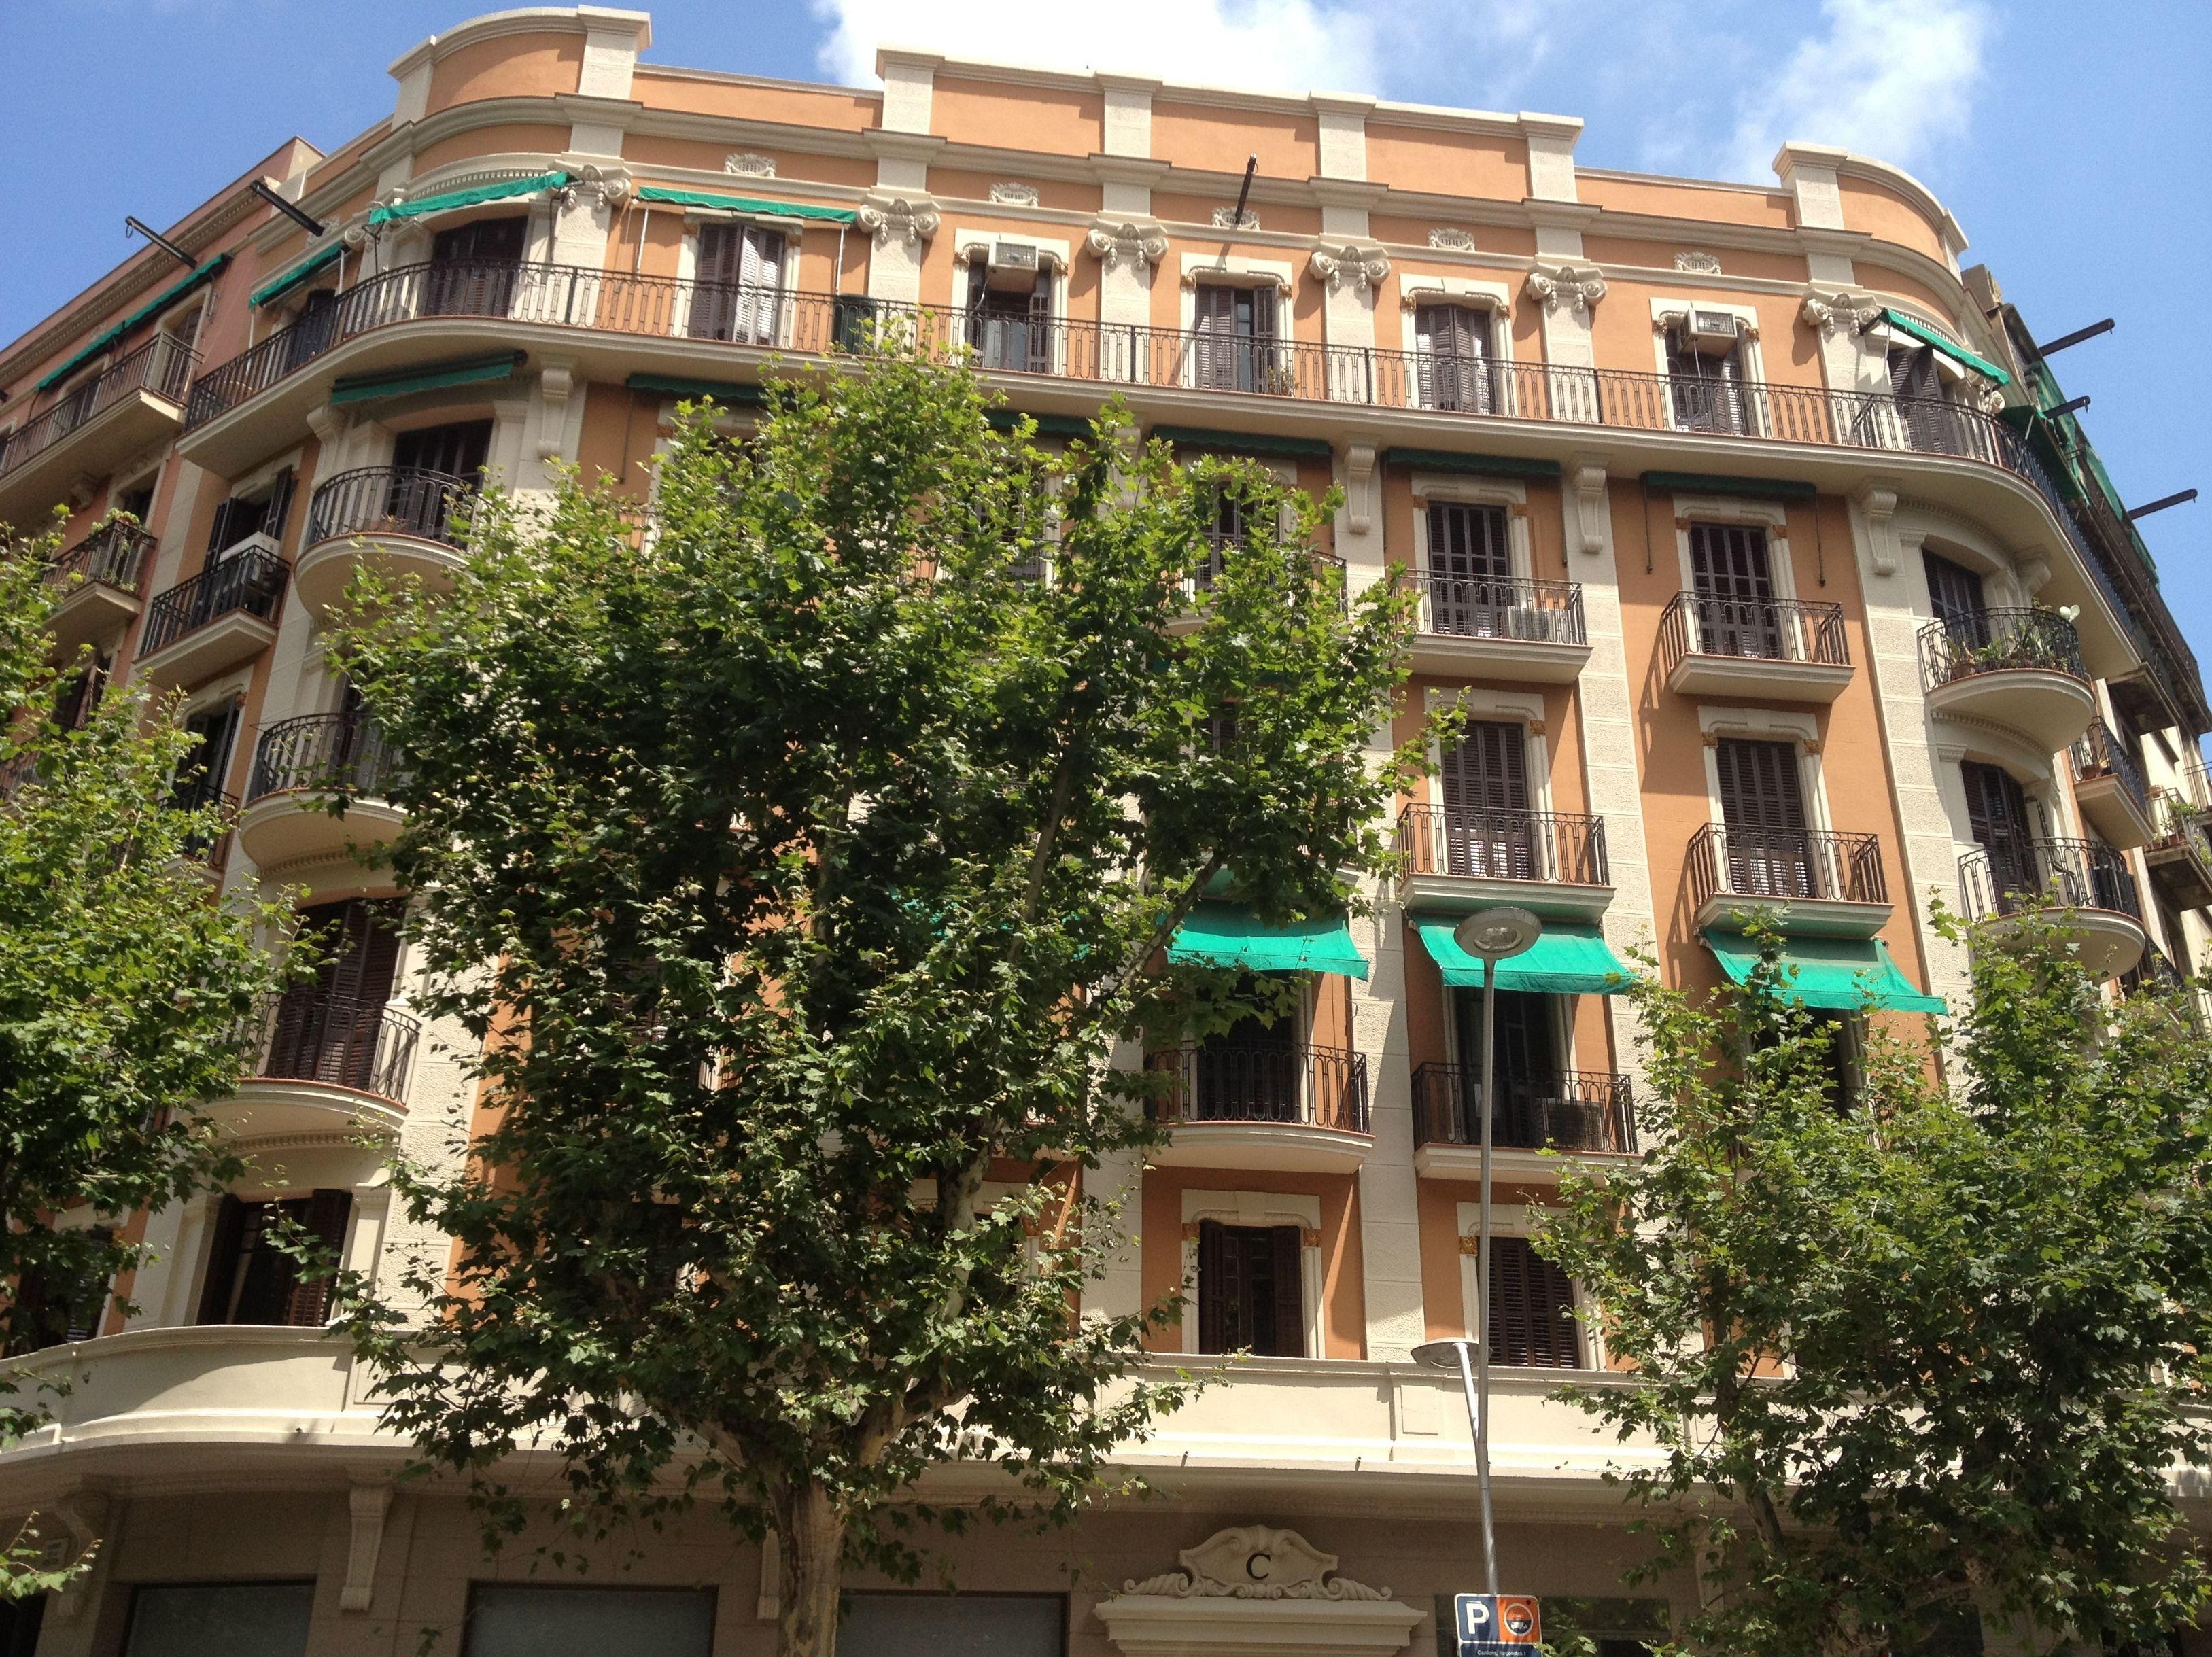 Foto 2 de Rehabilitación de edificios en Santa Coloma de Gramenet | Rehabilitar BCN